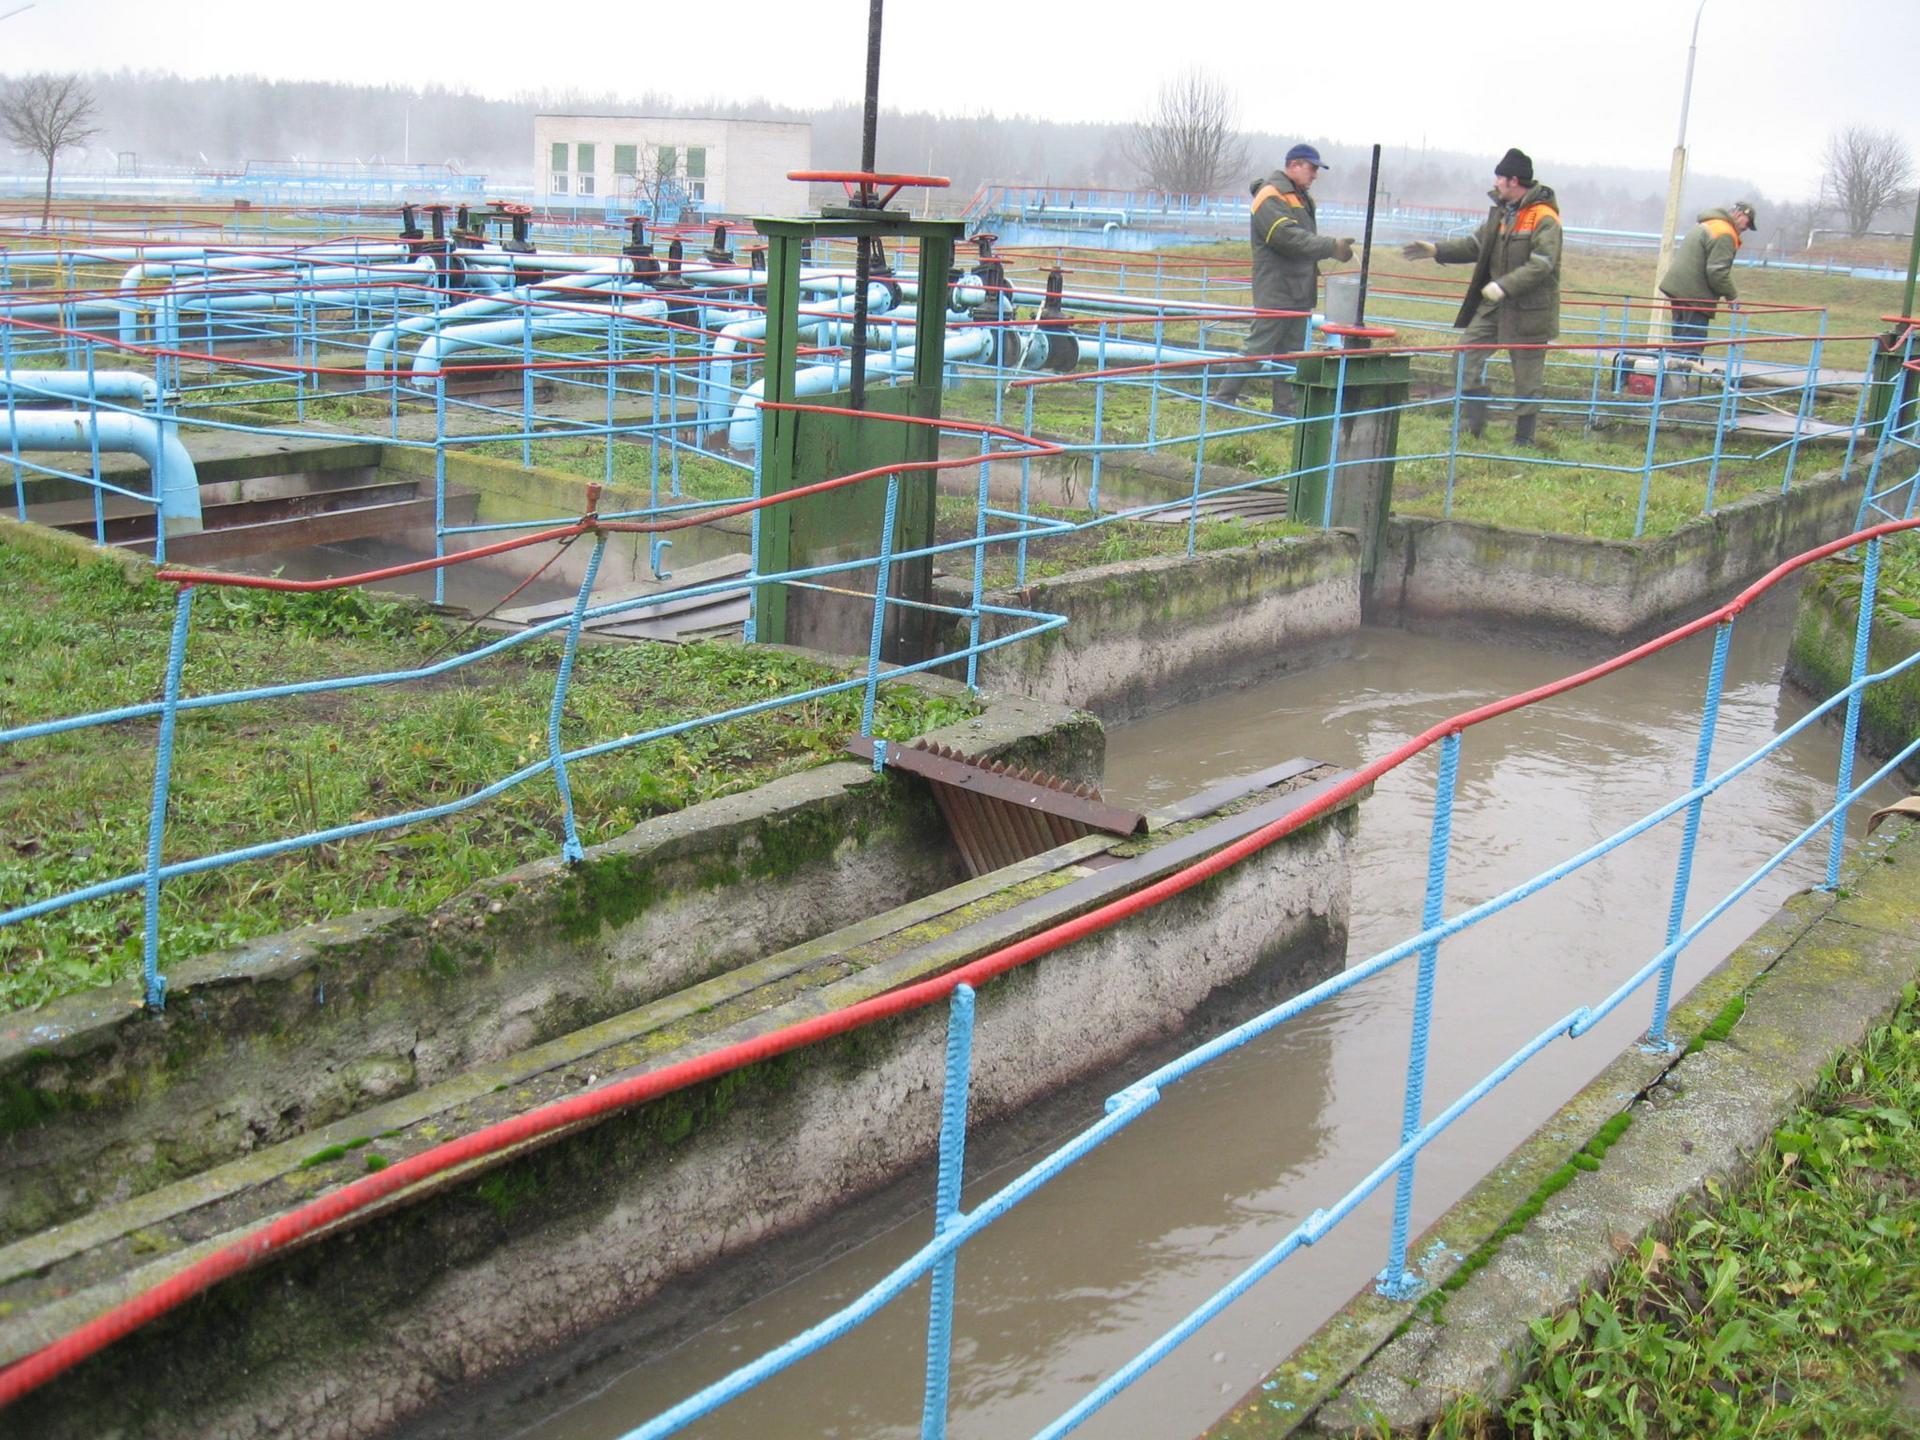 Grodnon jätevedenpuhdistamo